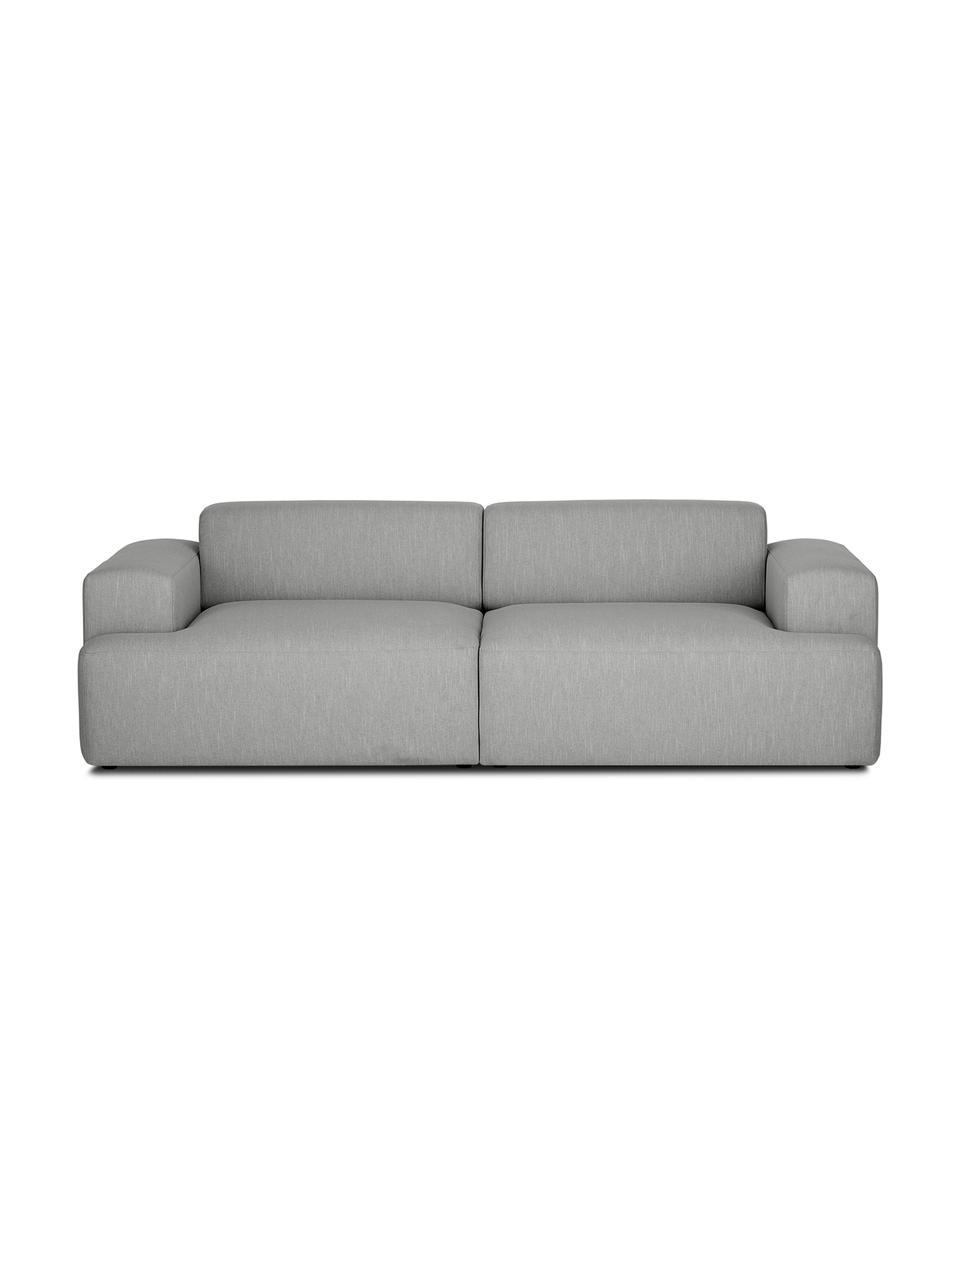 Bank Melva (3-zits) in grijs, Bekleding: polyester, Frame: massief grenenhout, spaan, Poten: grenenhout De poten bevin, Grijs, B 240 x D 101 cm